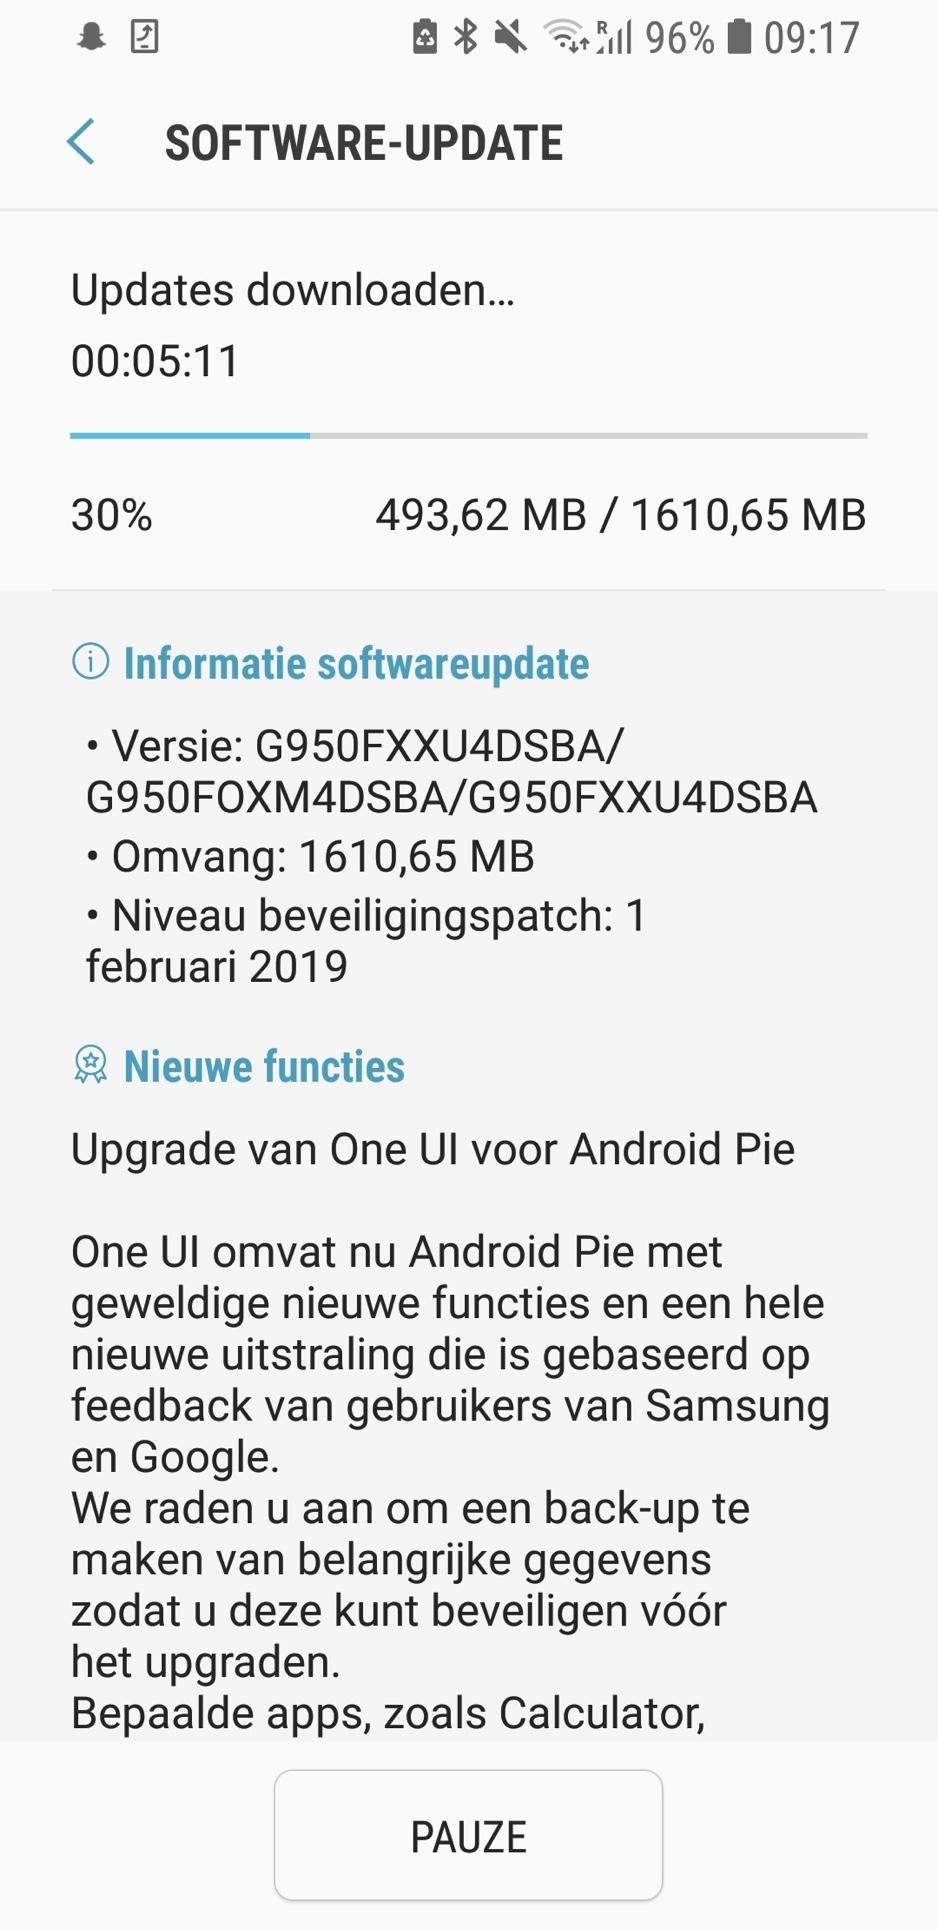 Samsung Galaxy S8 Android Pie-update nu beschikbaar in Nederland